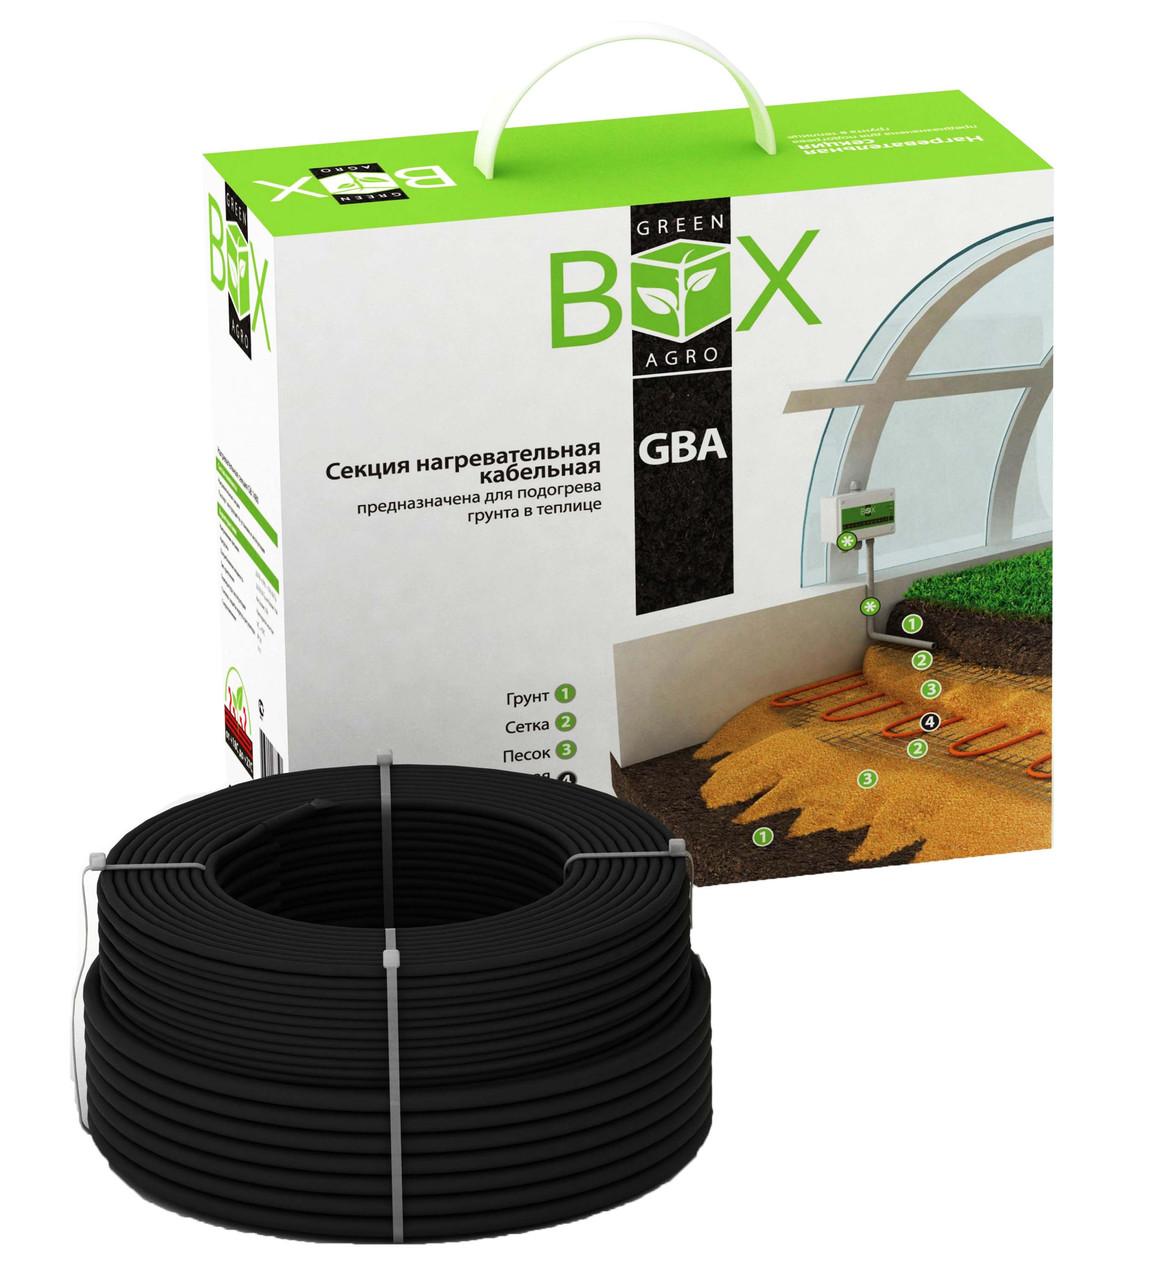 Система обогрева грунта Green Box Комплект GREEN BOX AGRO 14GBA-815